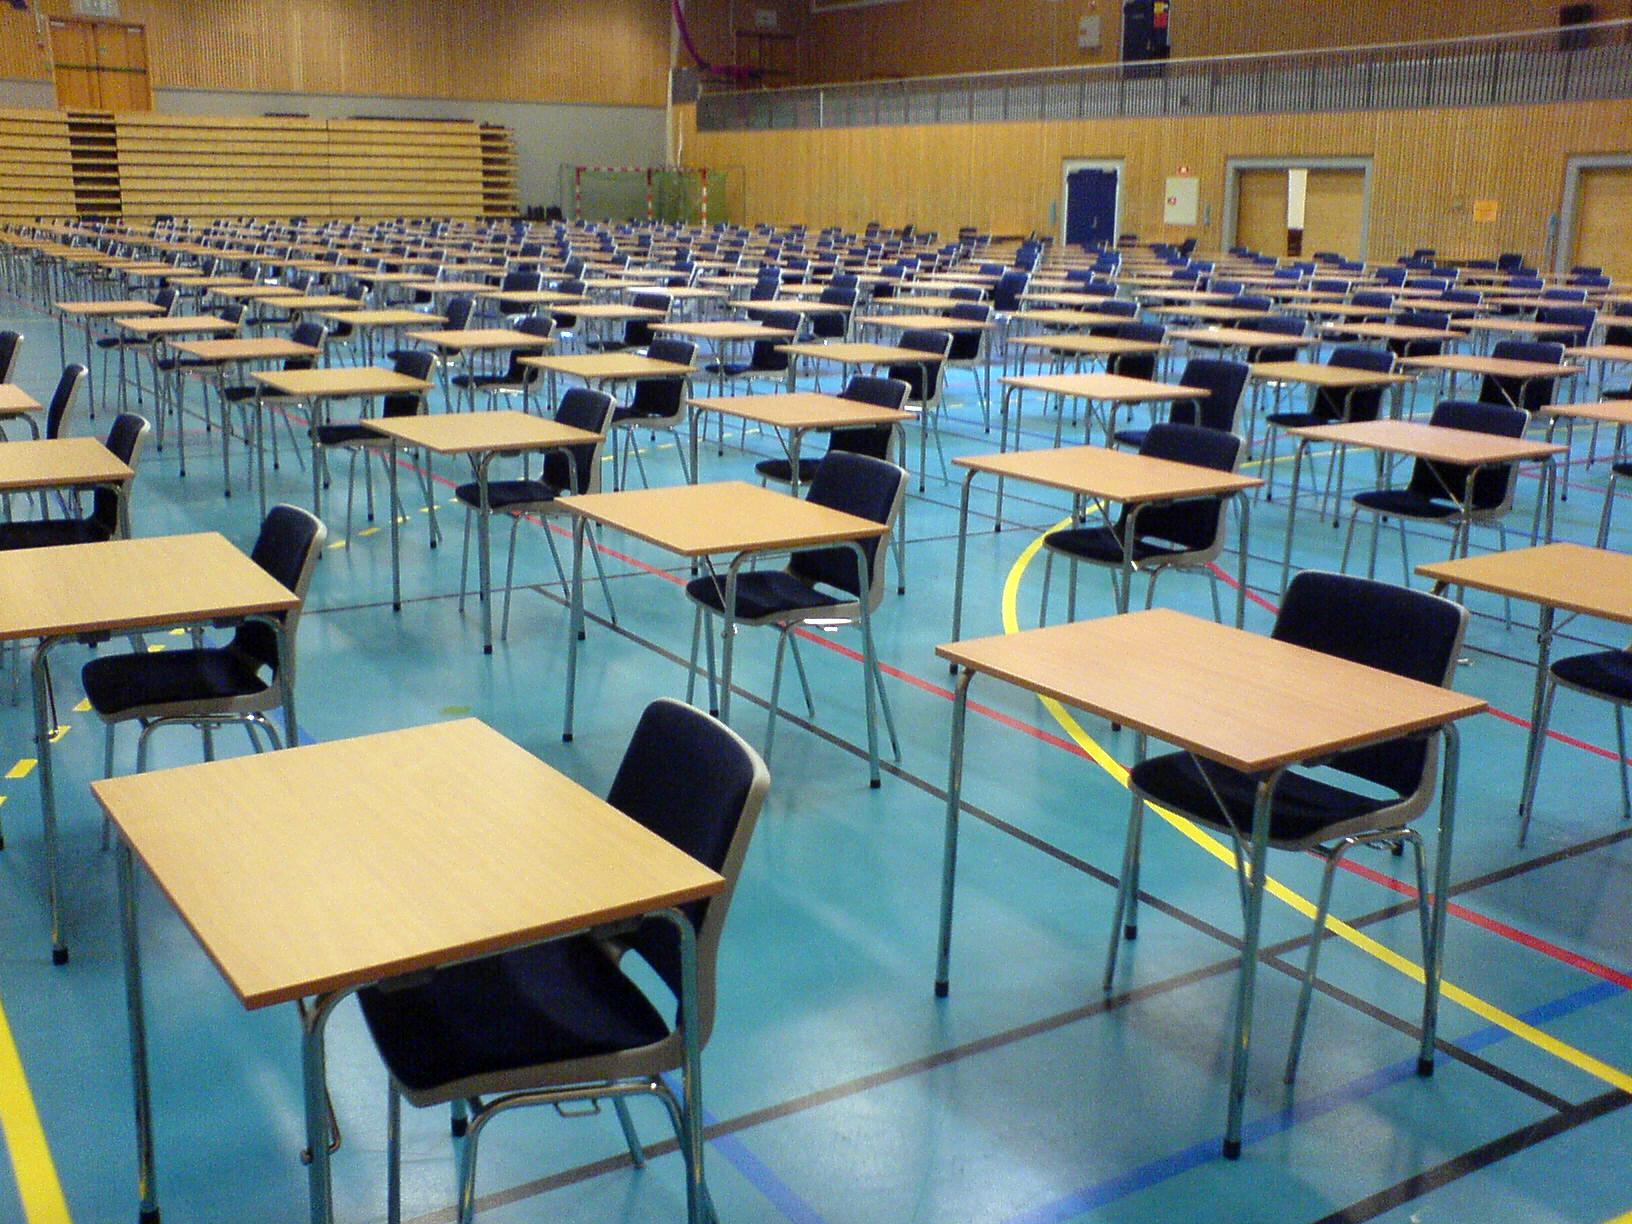 [노르웨이 생활 #1] 다른 교육환경 - 모든 시험이 ...